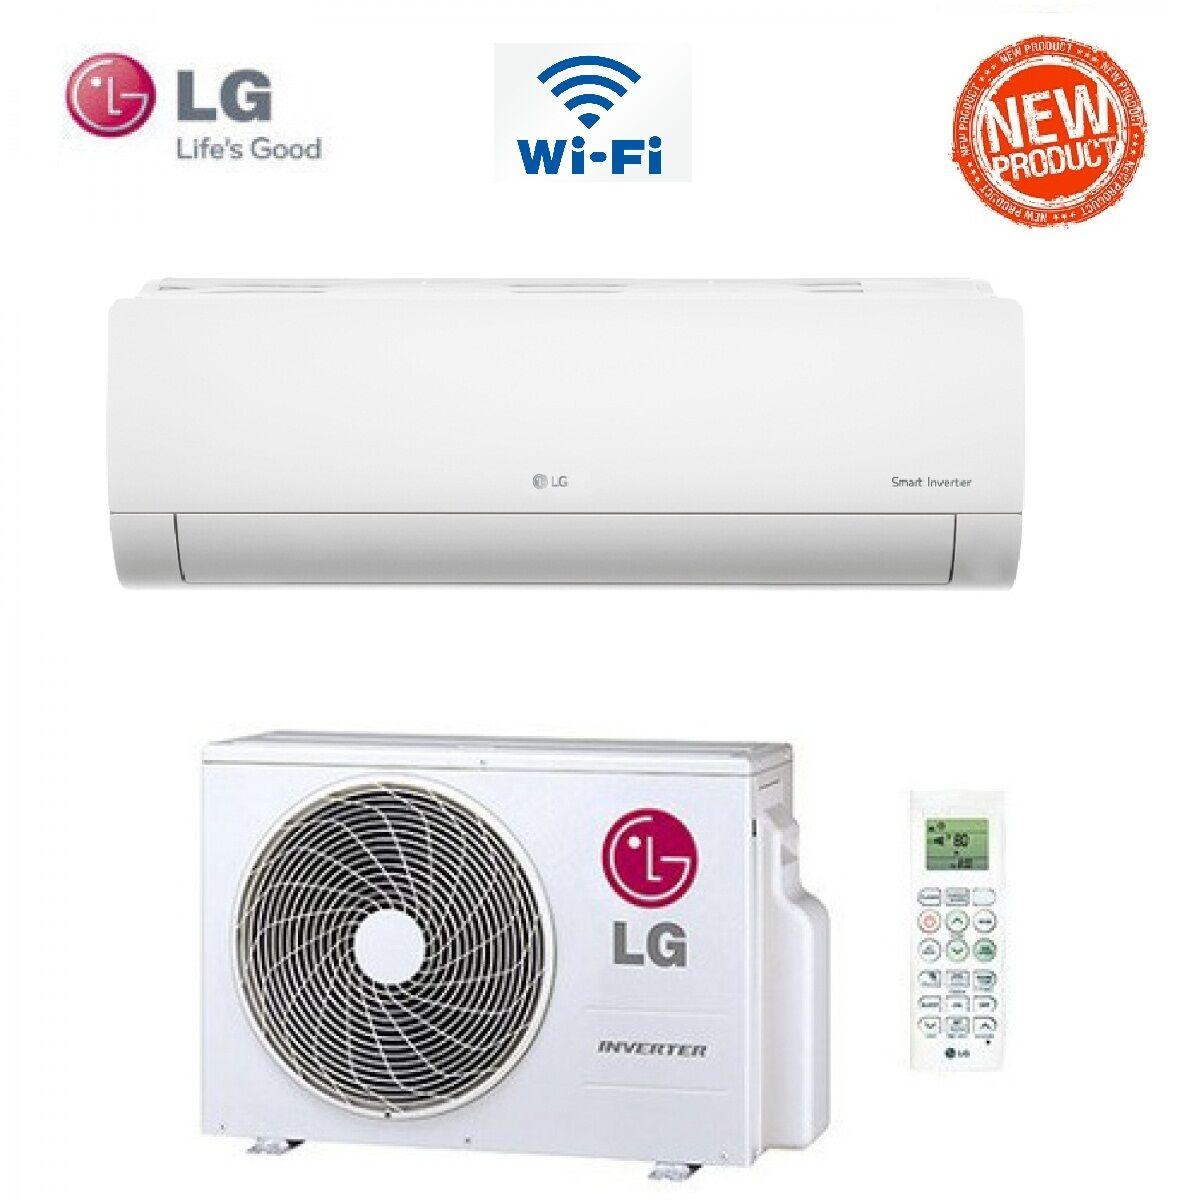 LG Climatizzatore Condizionatore Lg Libero Plus Inverter Wi-Fi 24000 Btu Classe A++/a Pm24sp- New 2017